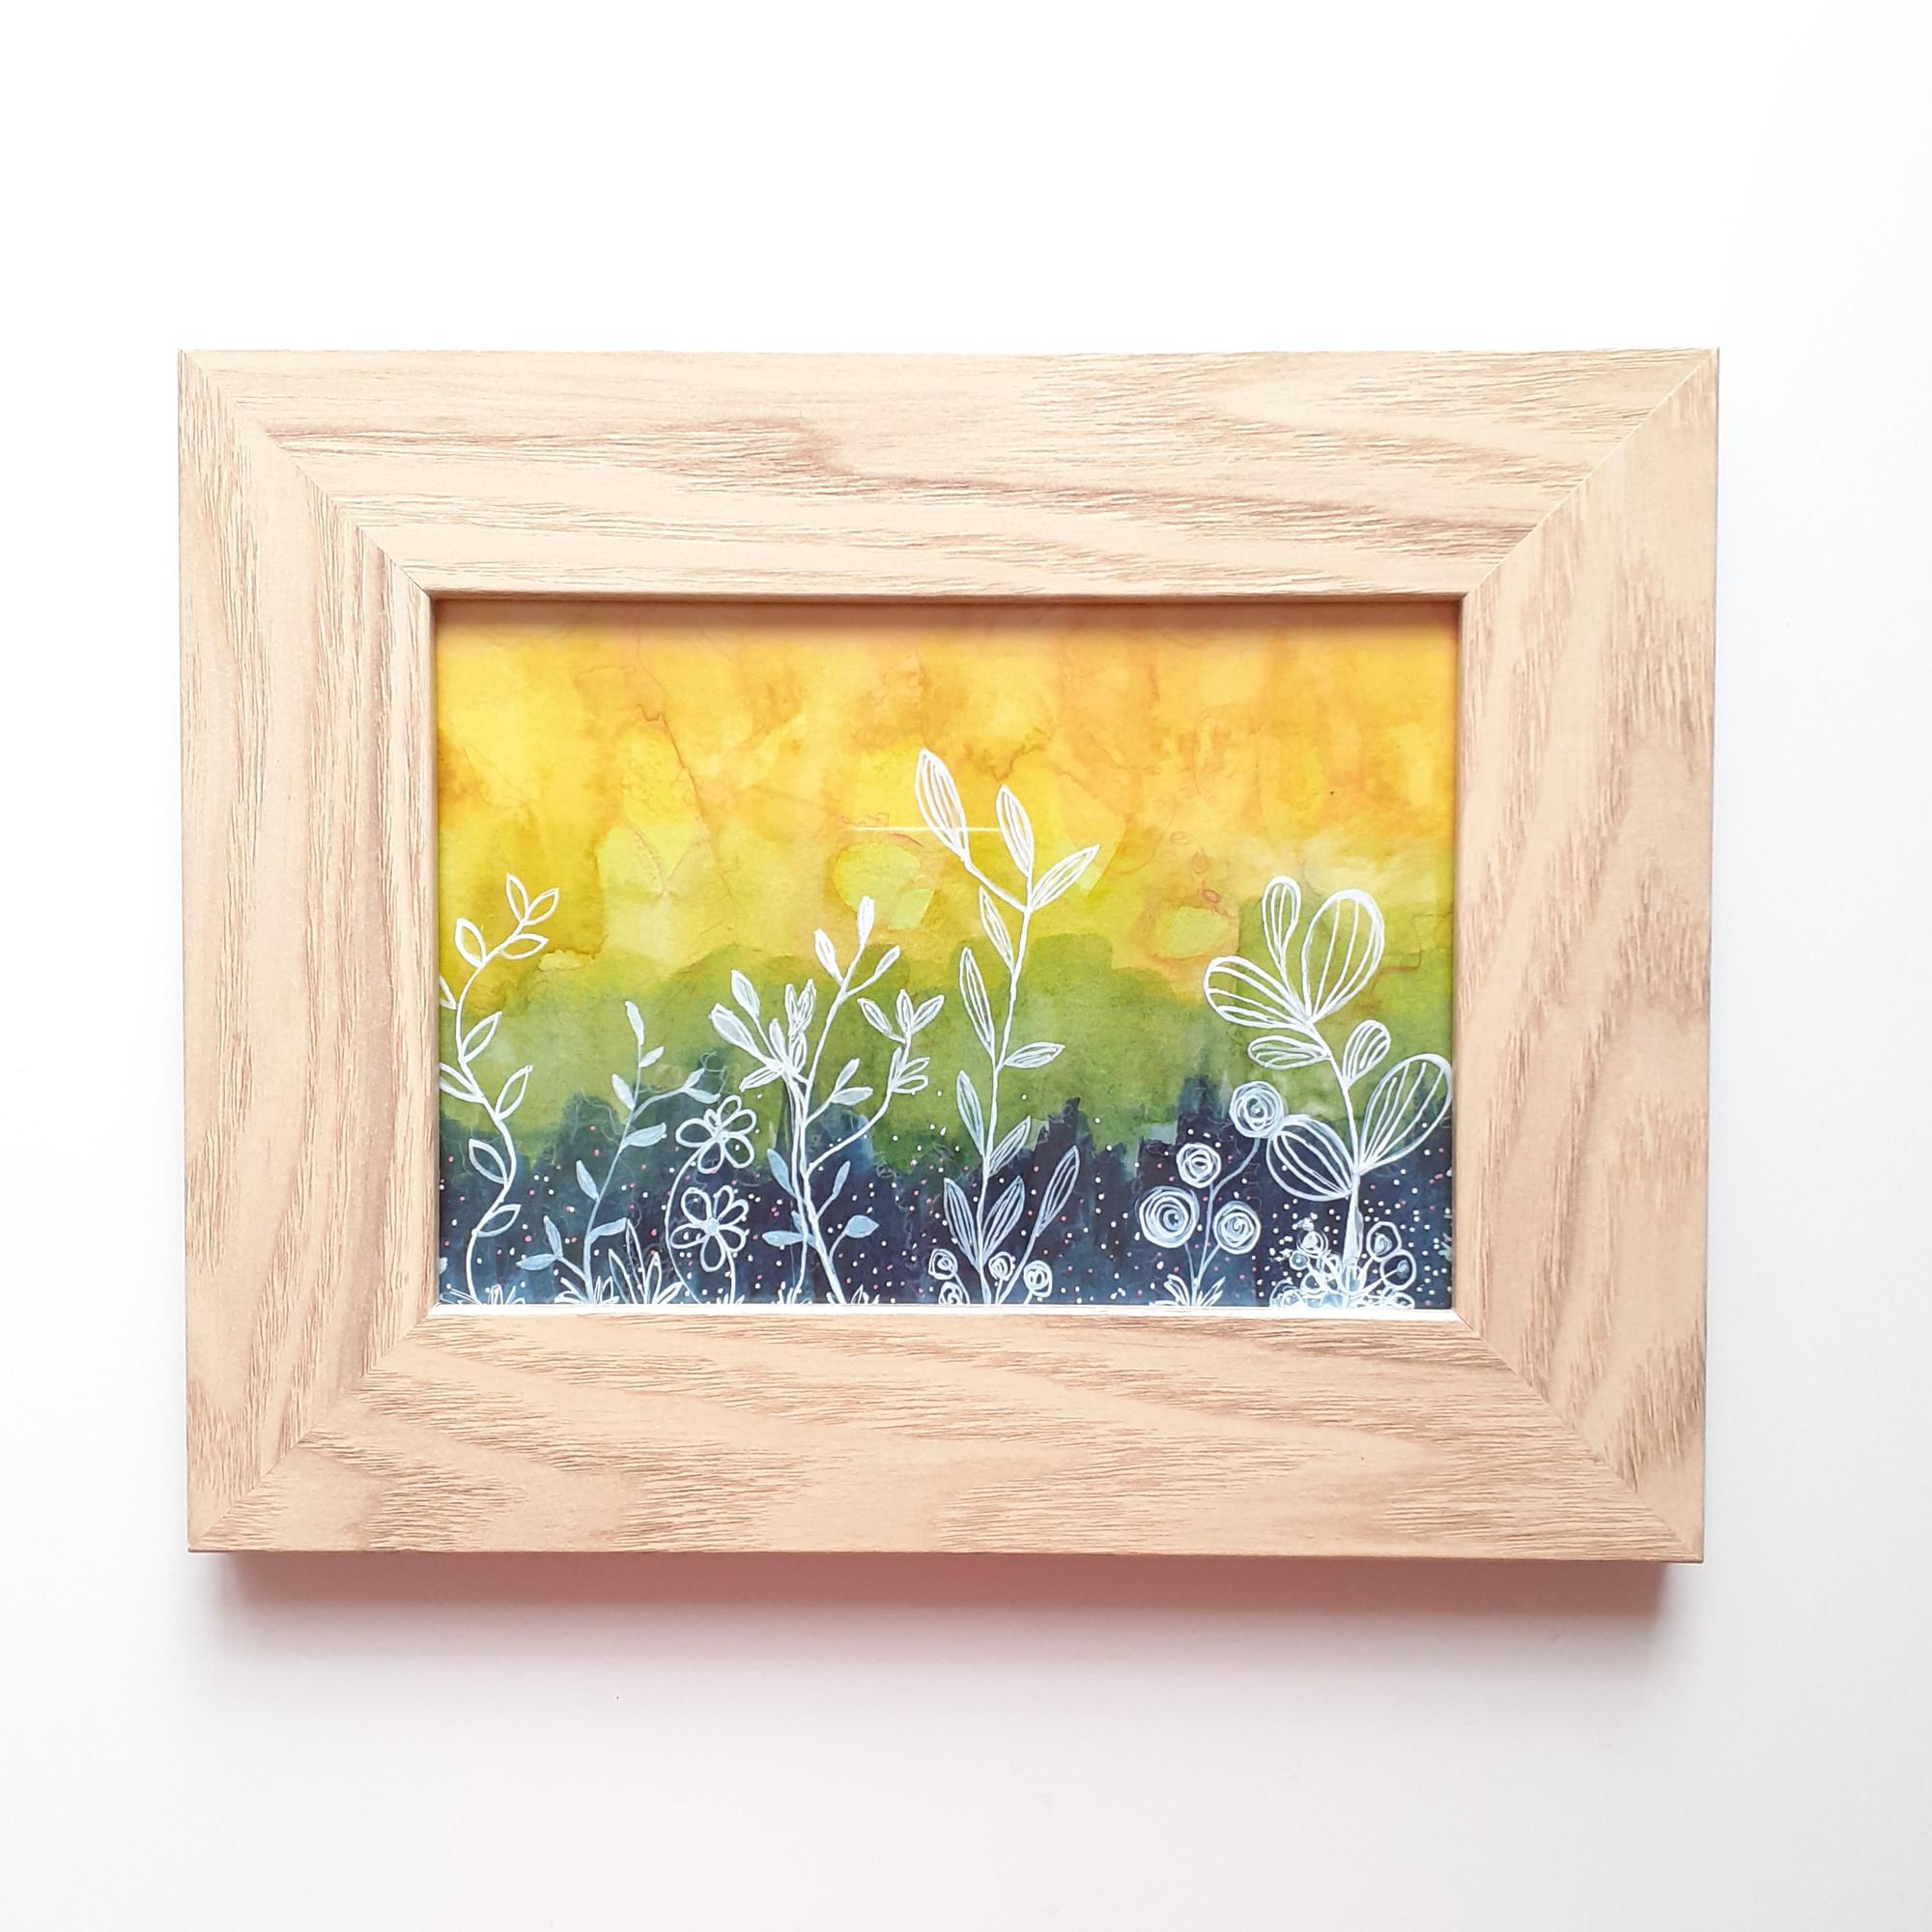 Original Mixed Media Artwork 'Sunset Garden' by Black UK Artist Stacey-Ann Cole